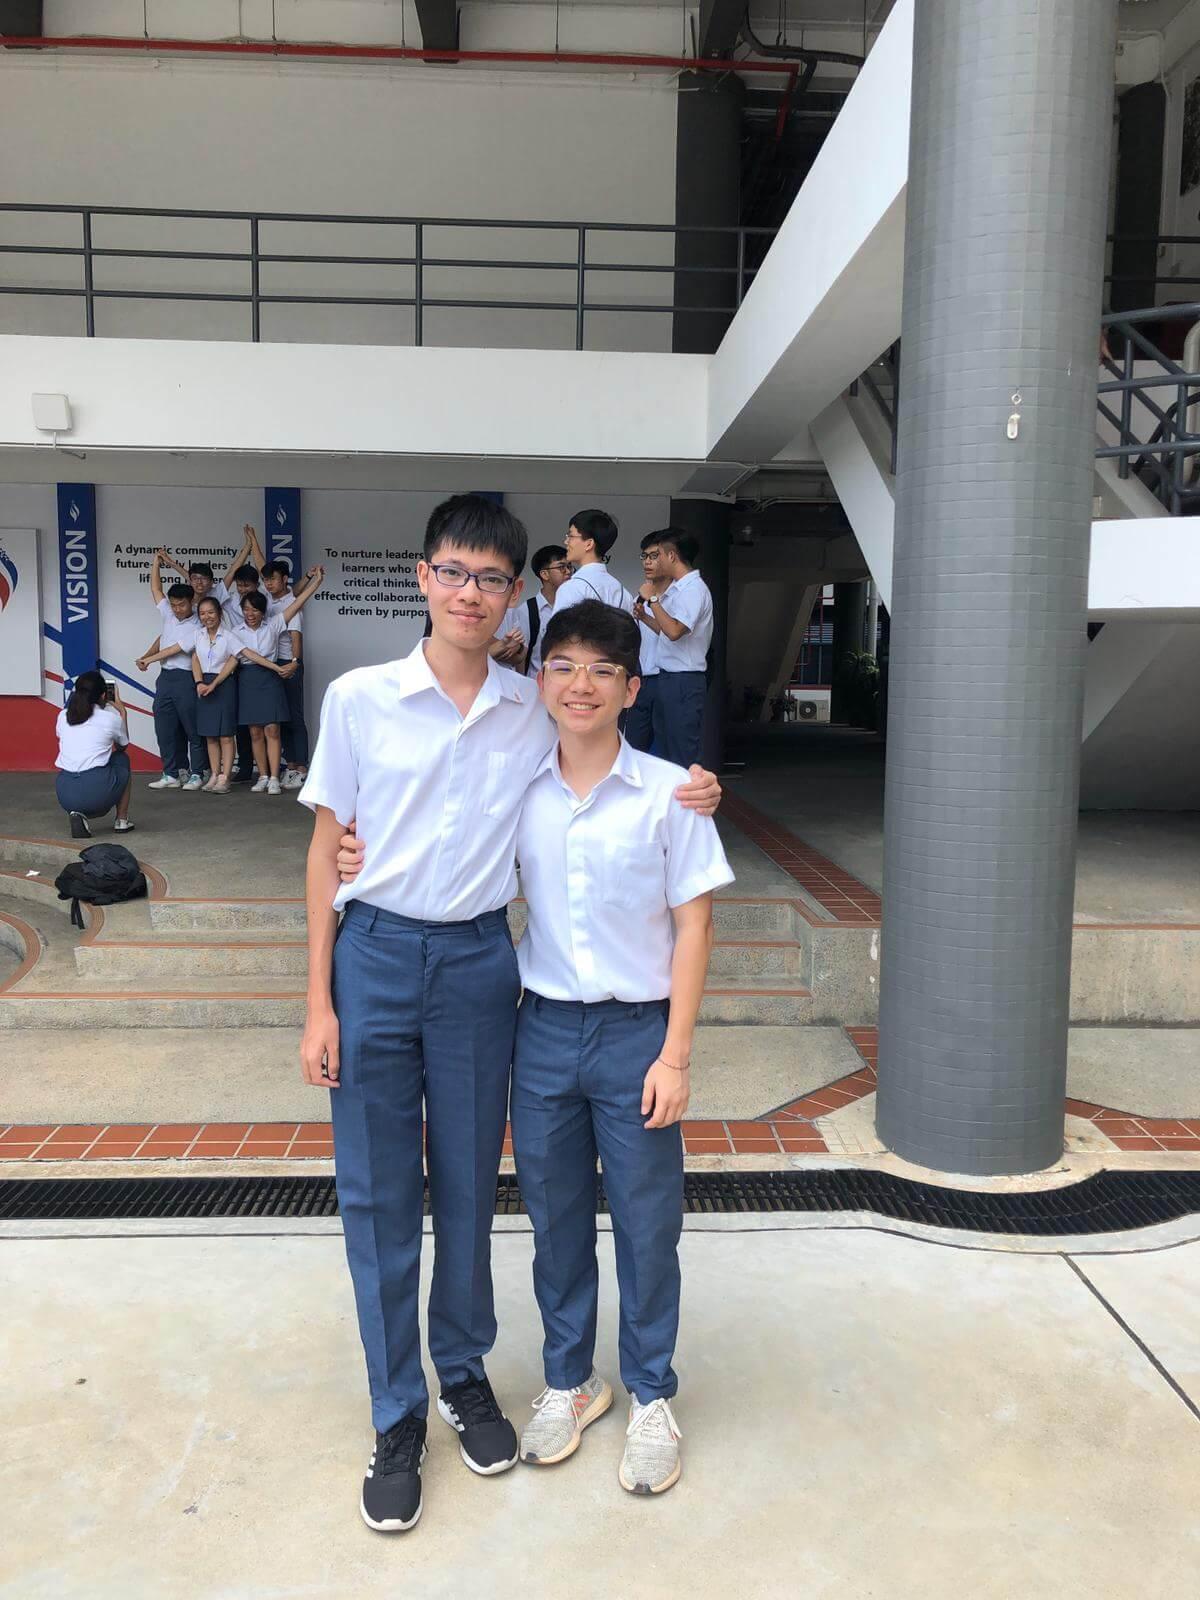 Yip Hao Jin, YIJC, H2 Physics